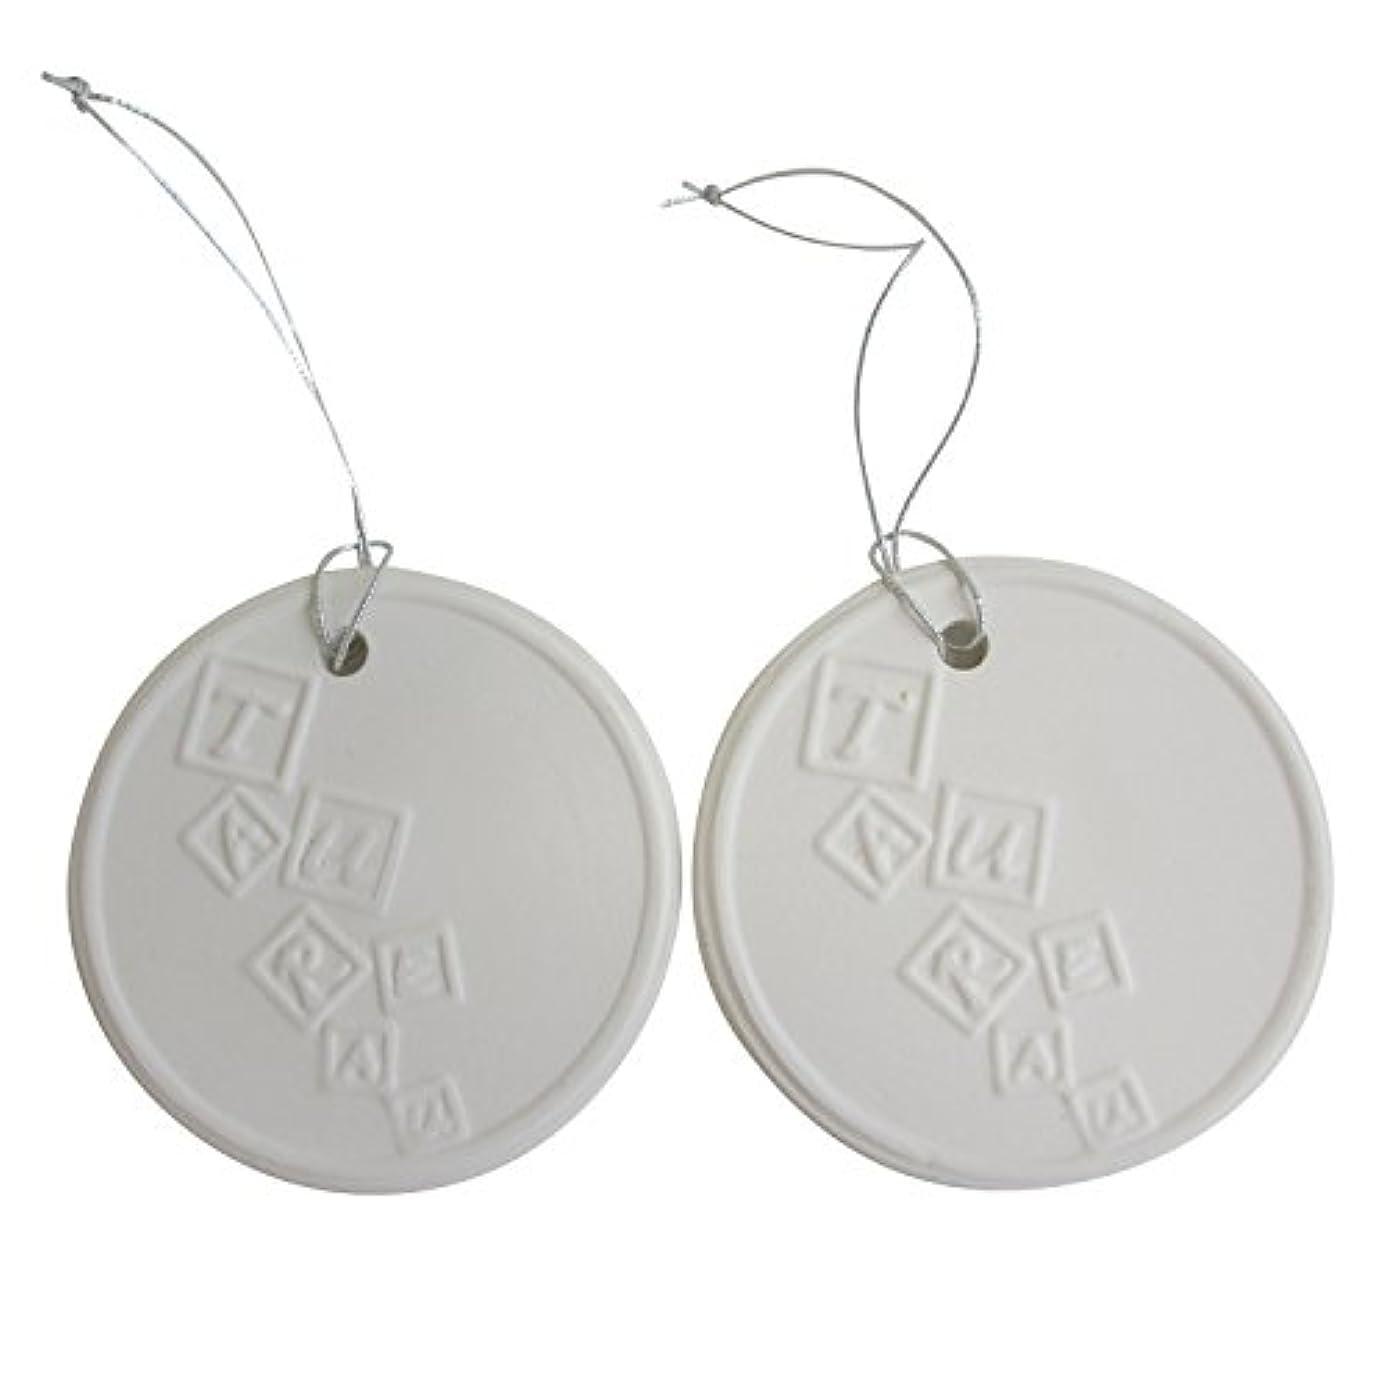 第申し立て状況アロマストーン ホワイトコイン 2セット(ロゴ2) アクセサリー 小物 キーホルダー アロマディフューザー ペンダント 陶器製